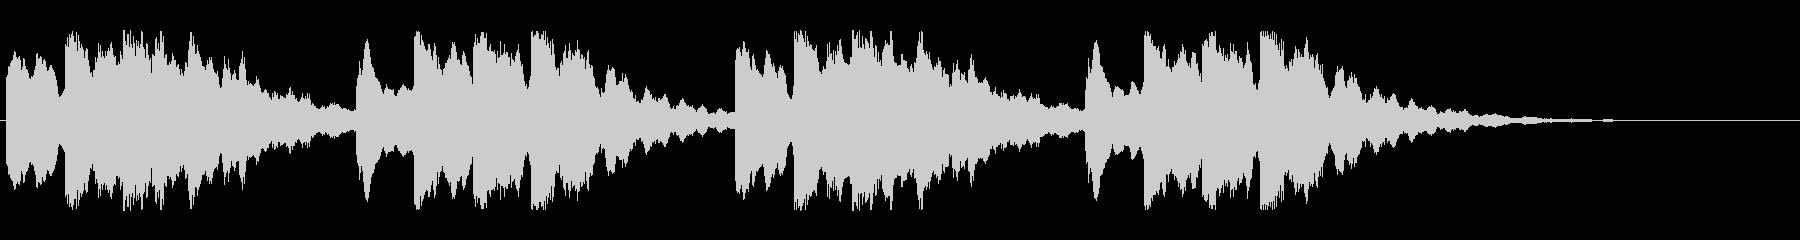 キーンコーンカーンコーン04(通常2回)の未再生の波形